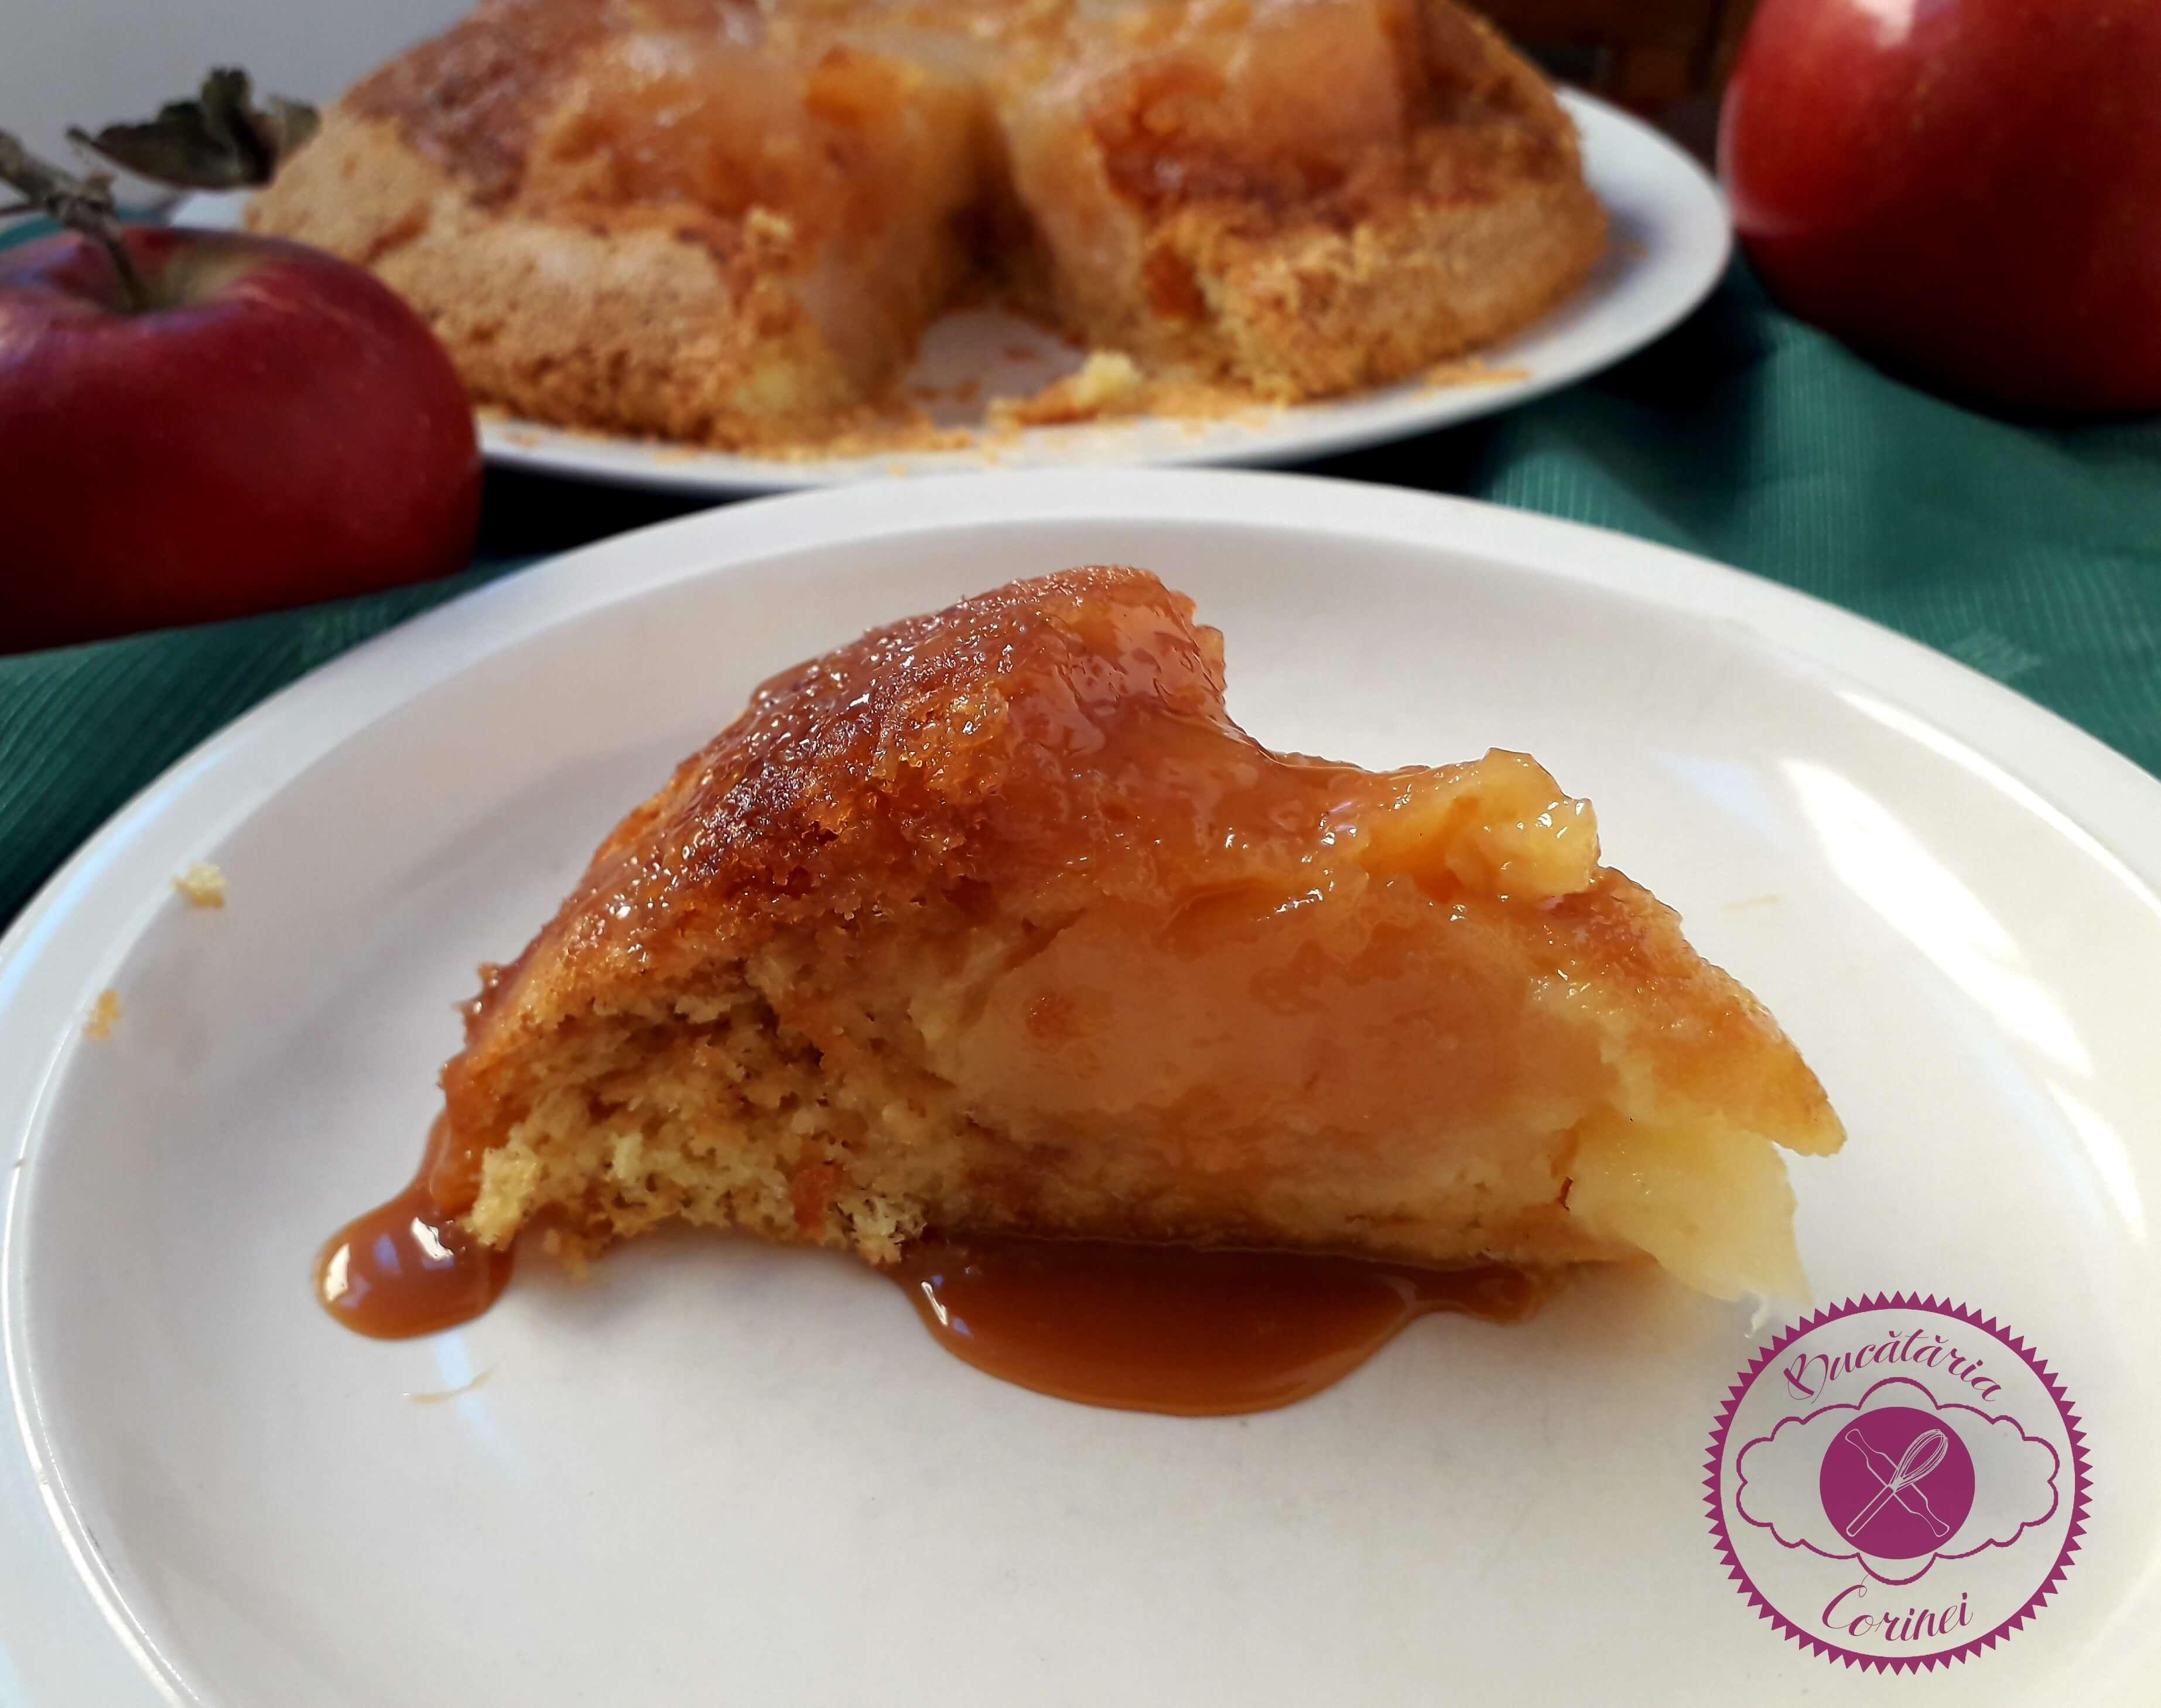 Tort de mere intregi, caramelizate